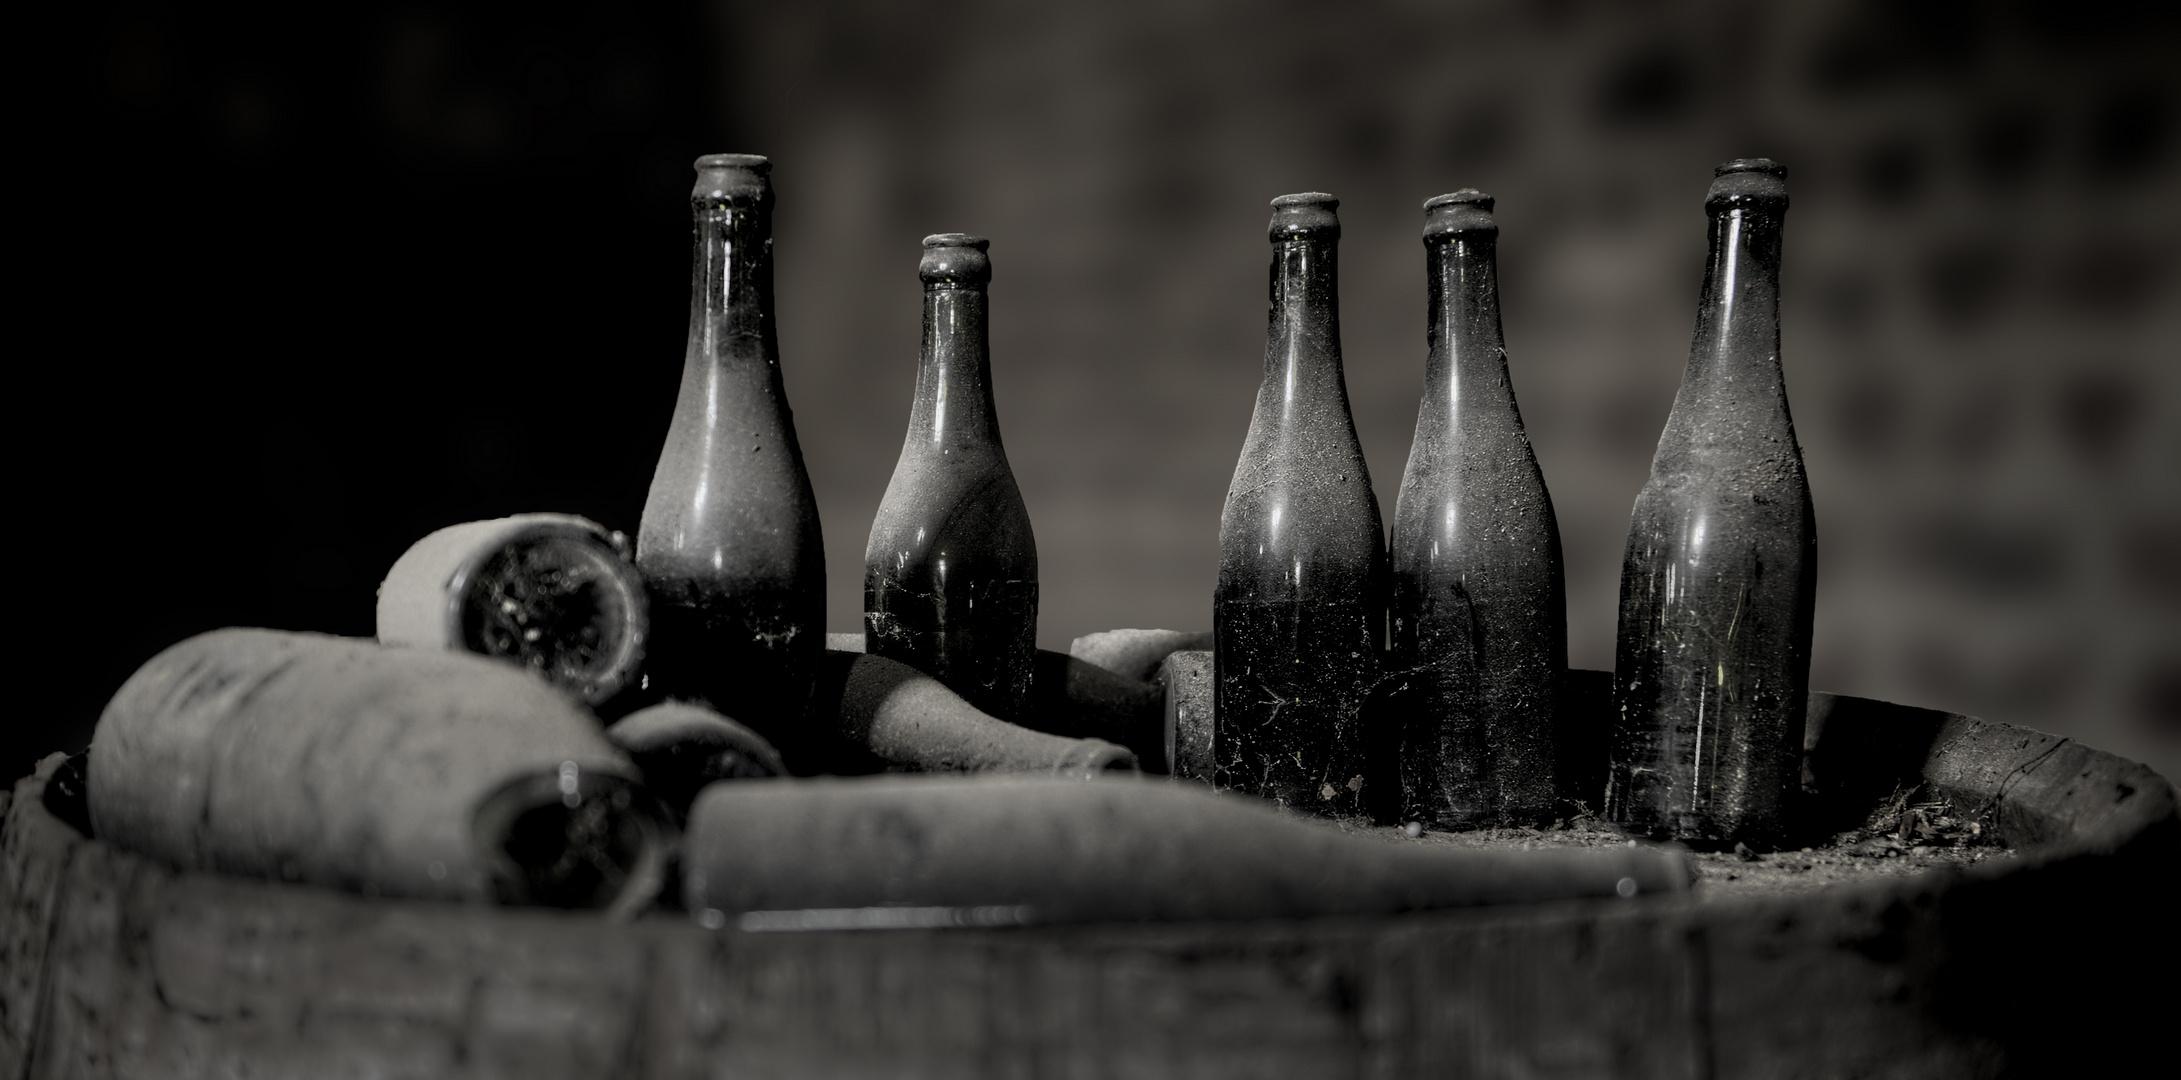 Alles nur Flaschen ......